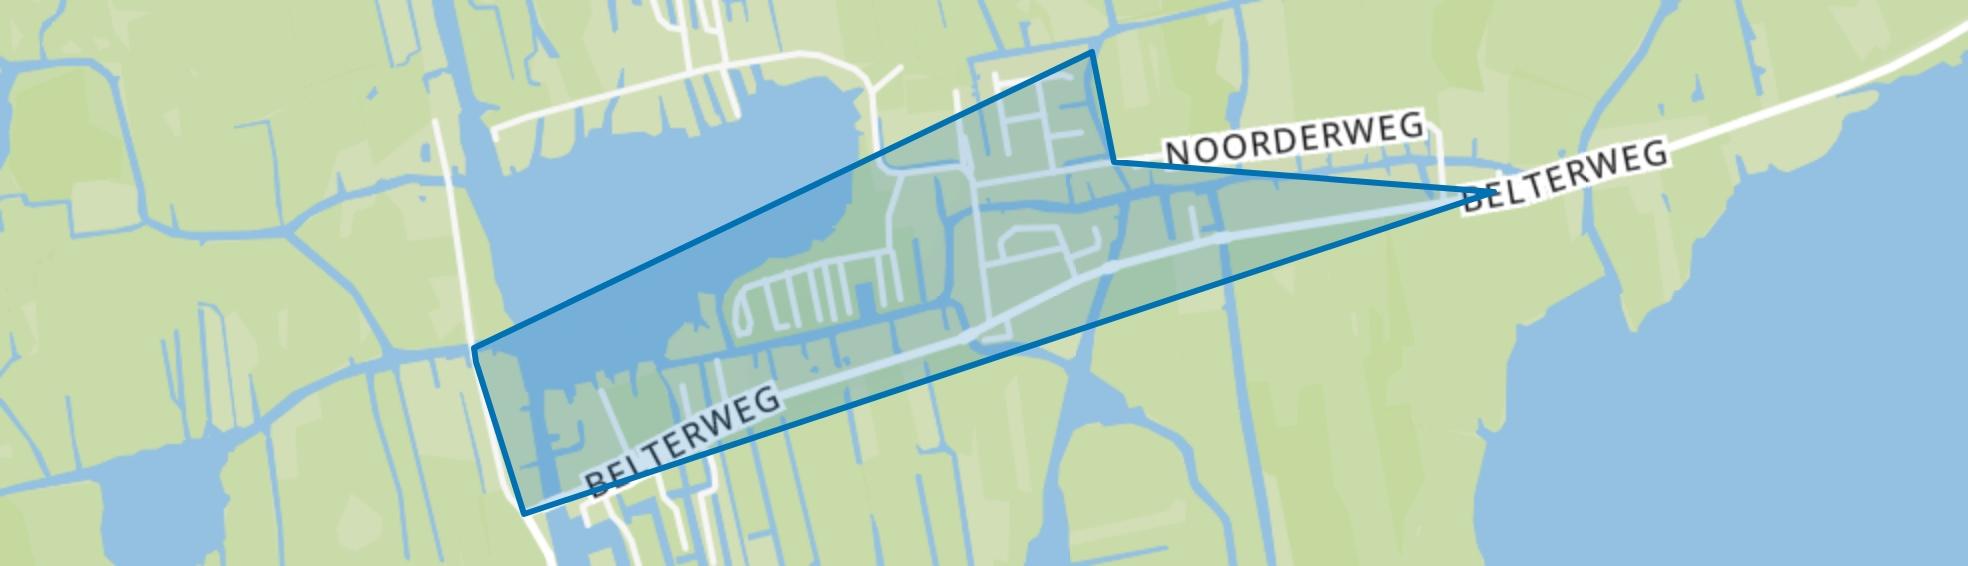 Belt-Schutsloot, Belt-Schutsloot map